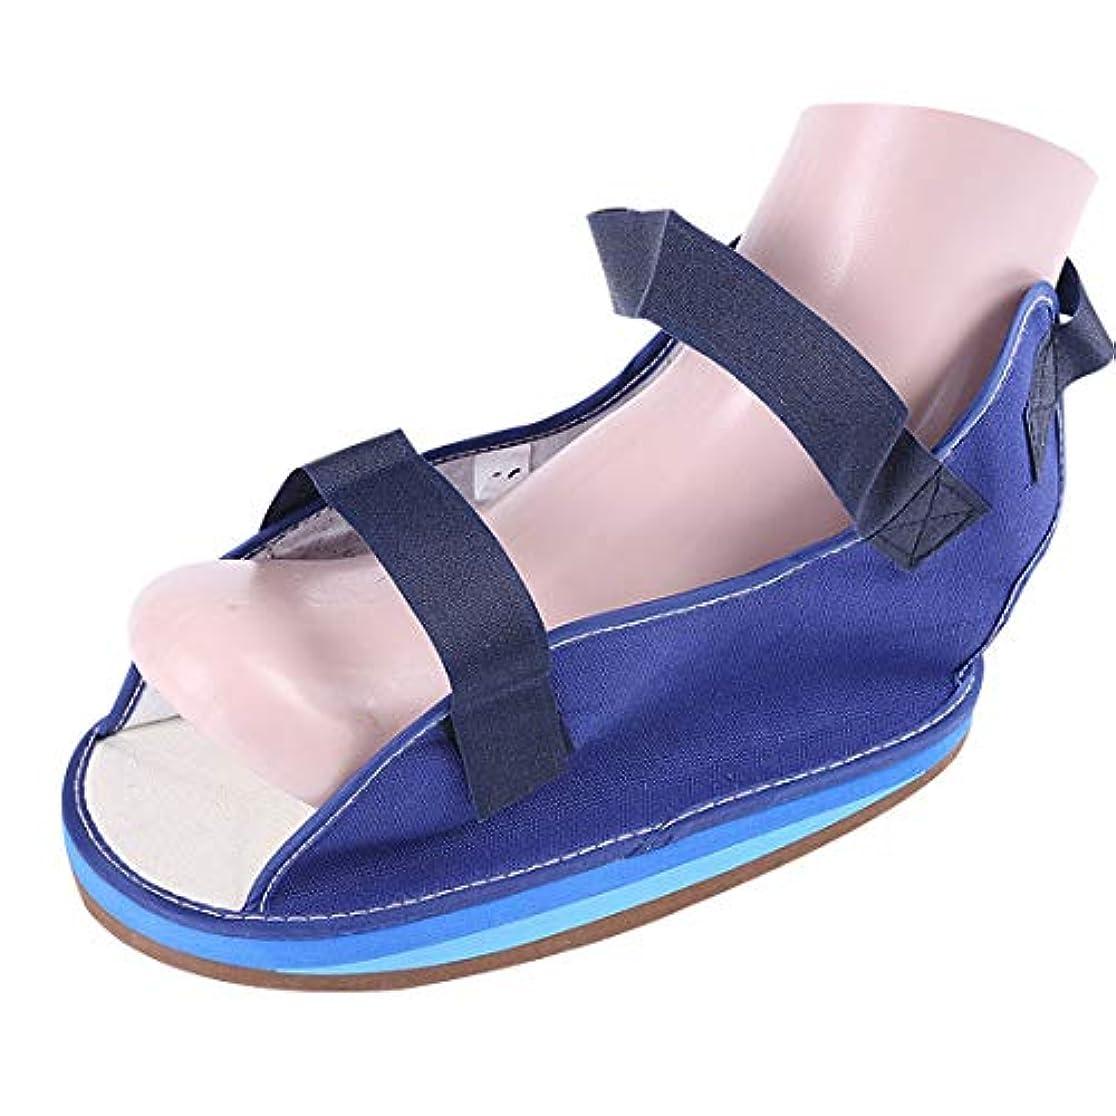 レーダー交渉するピル医療足骨折石膏の回復靴の手術後のつま先の靴を安定化骨折の靴を調整可能なファスナーで完全なカバー,S22cm